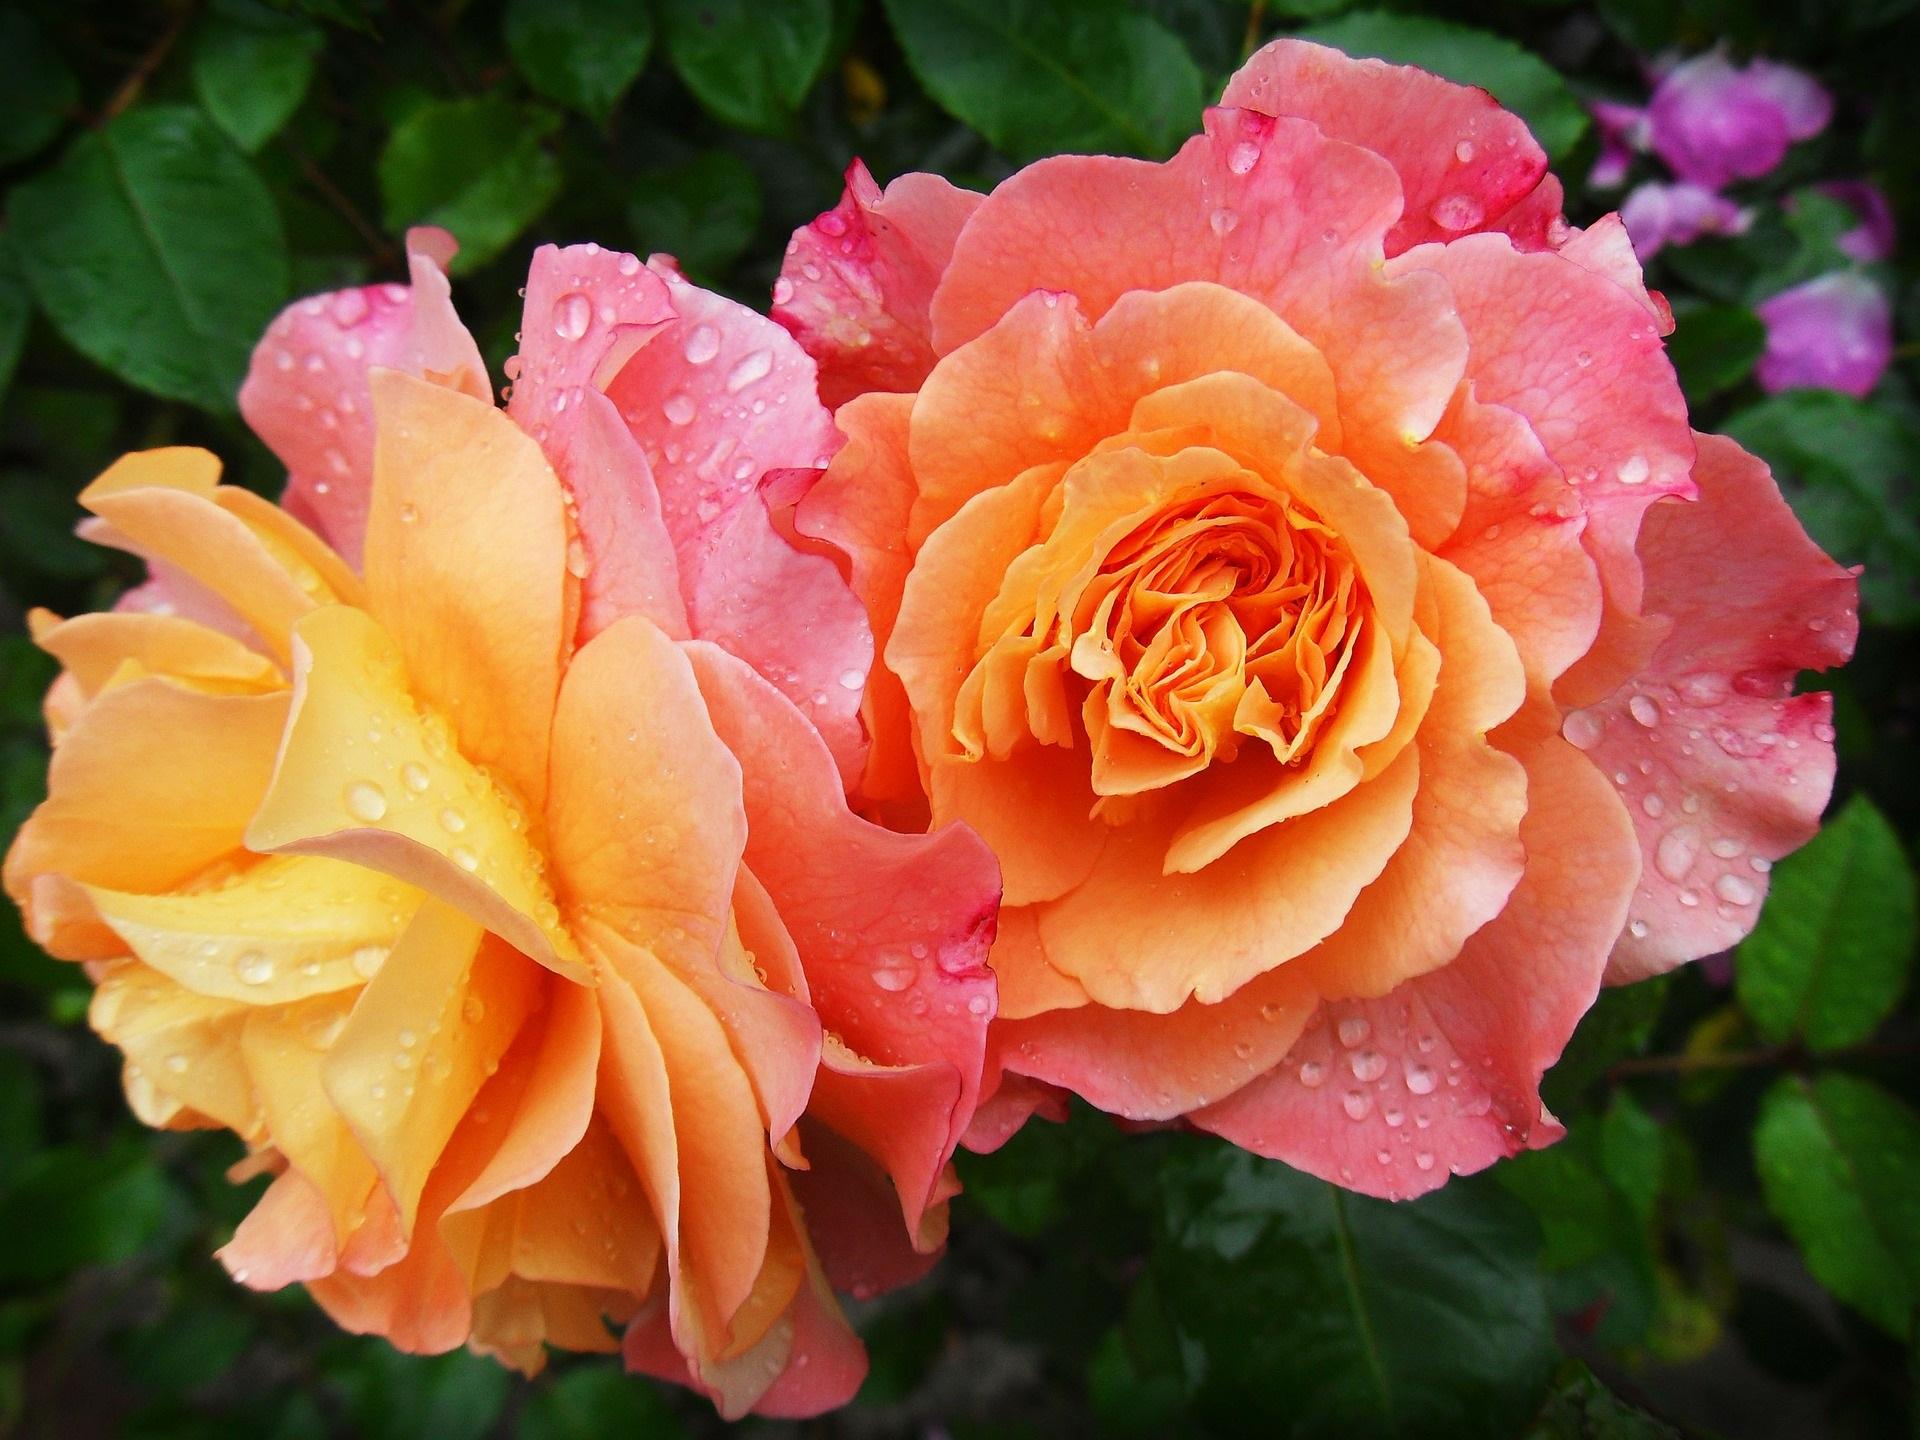 rosa rosa arancione originale B&B solis